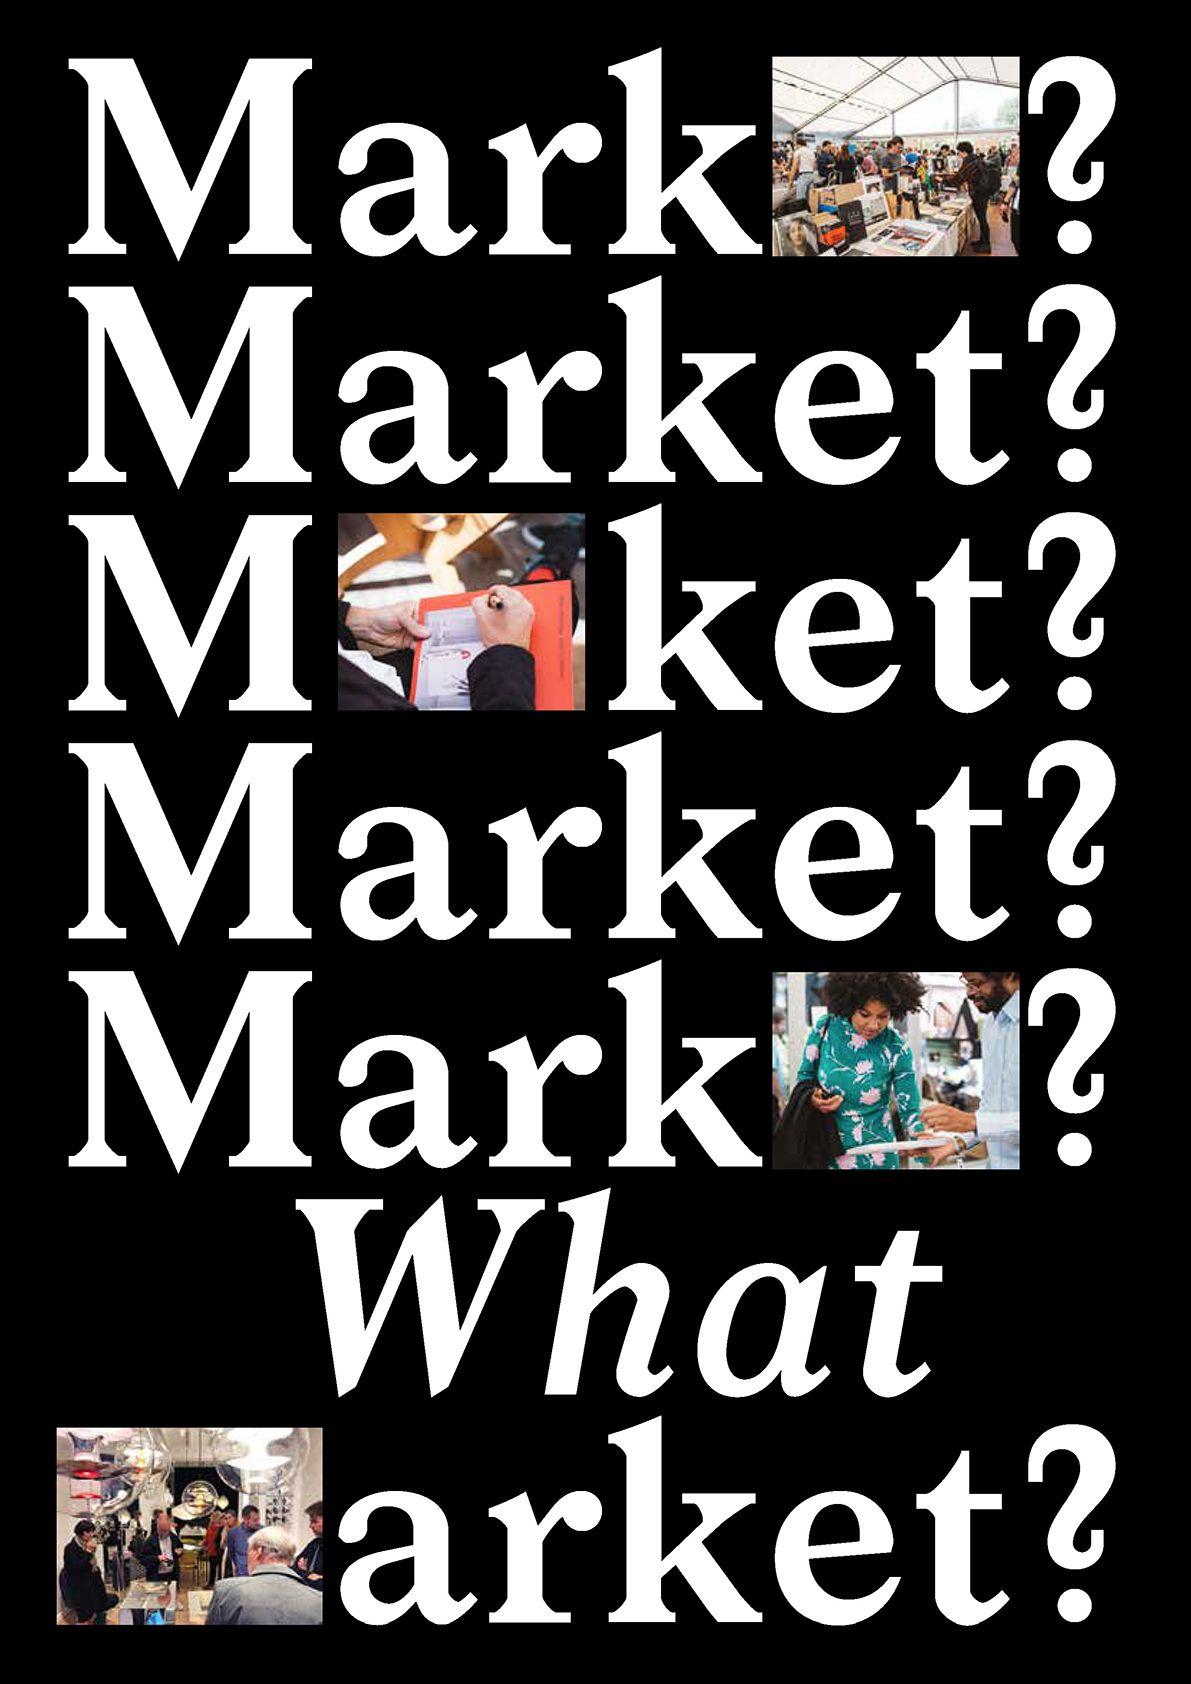 Market? What Market?